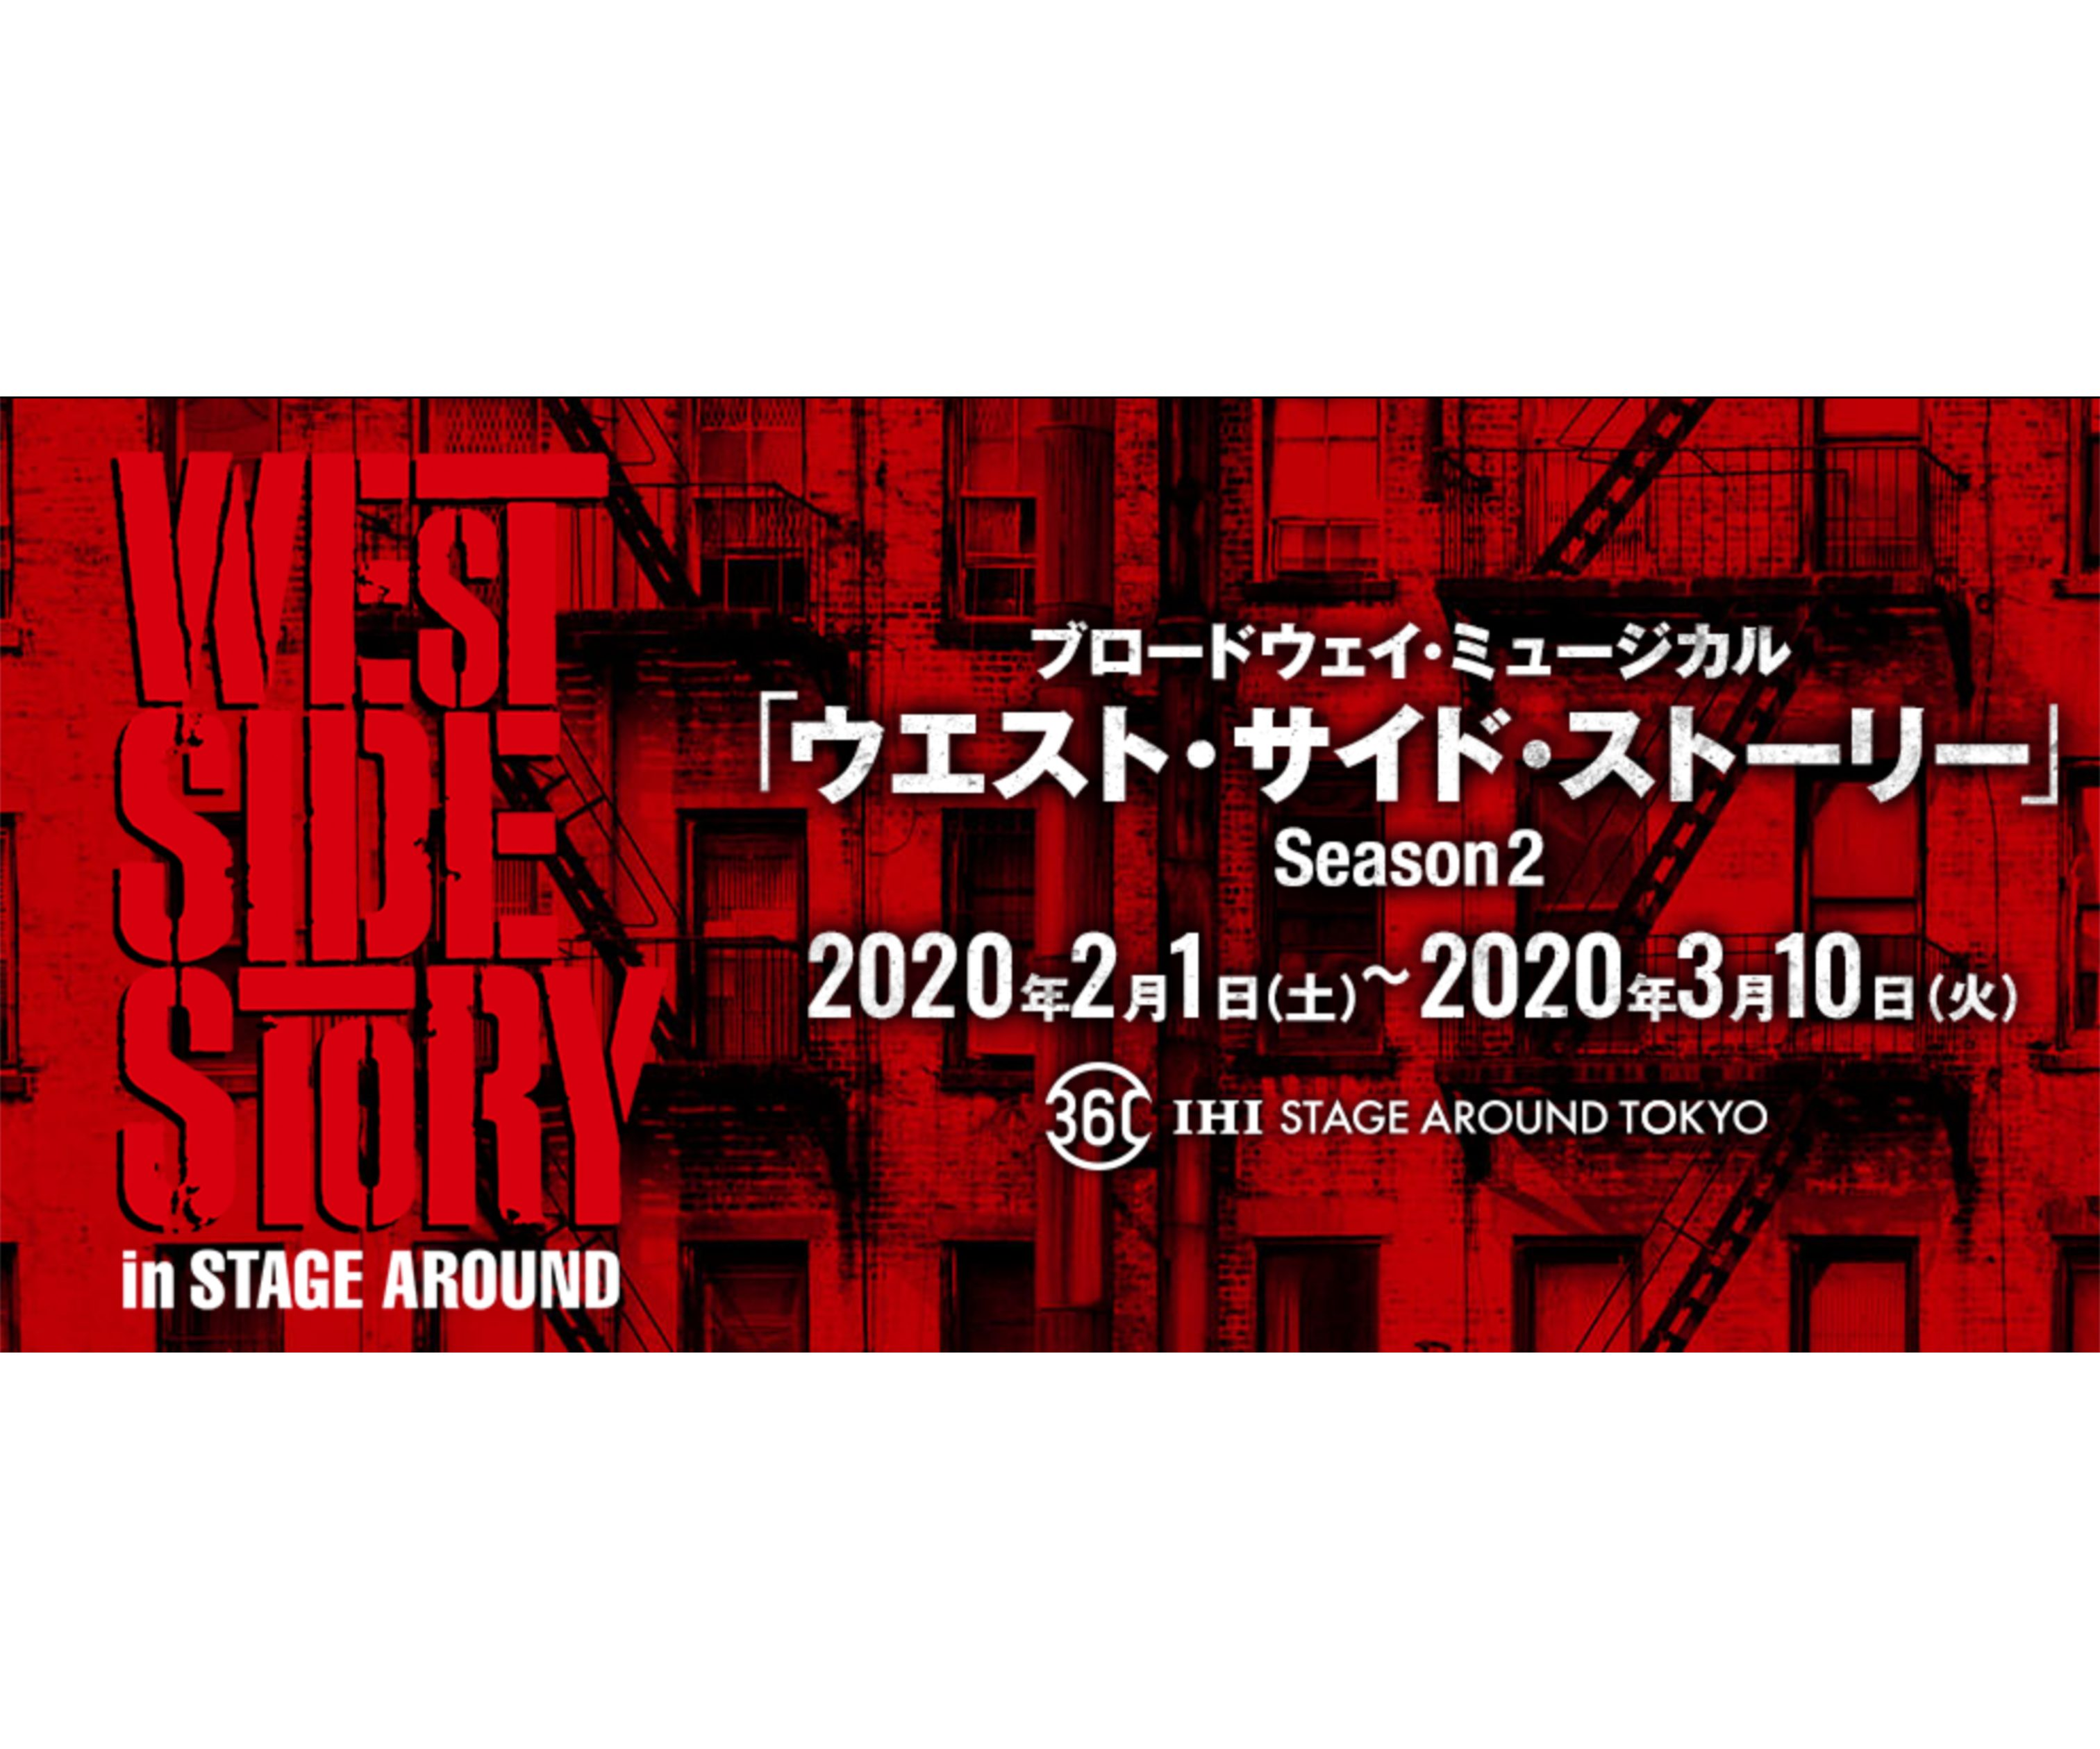 ブロードウェイ・ミュージカル 「ウエスト・サイド・ストーリー」Season2